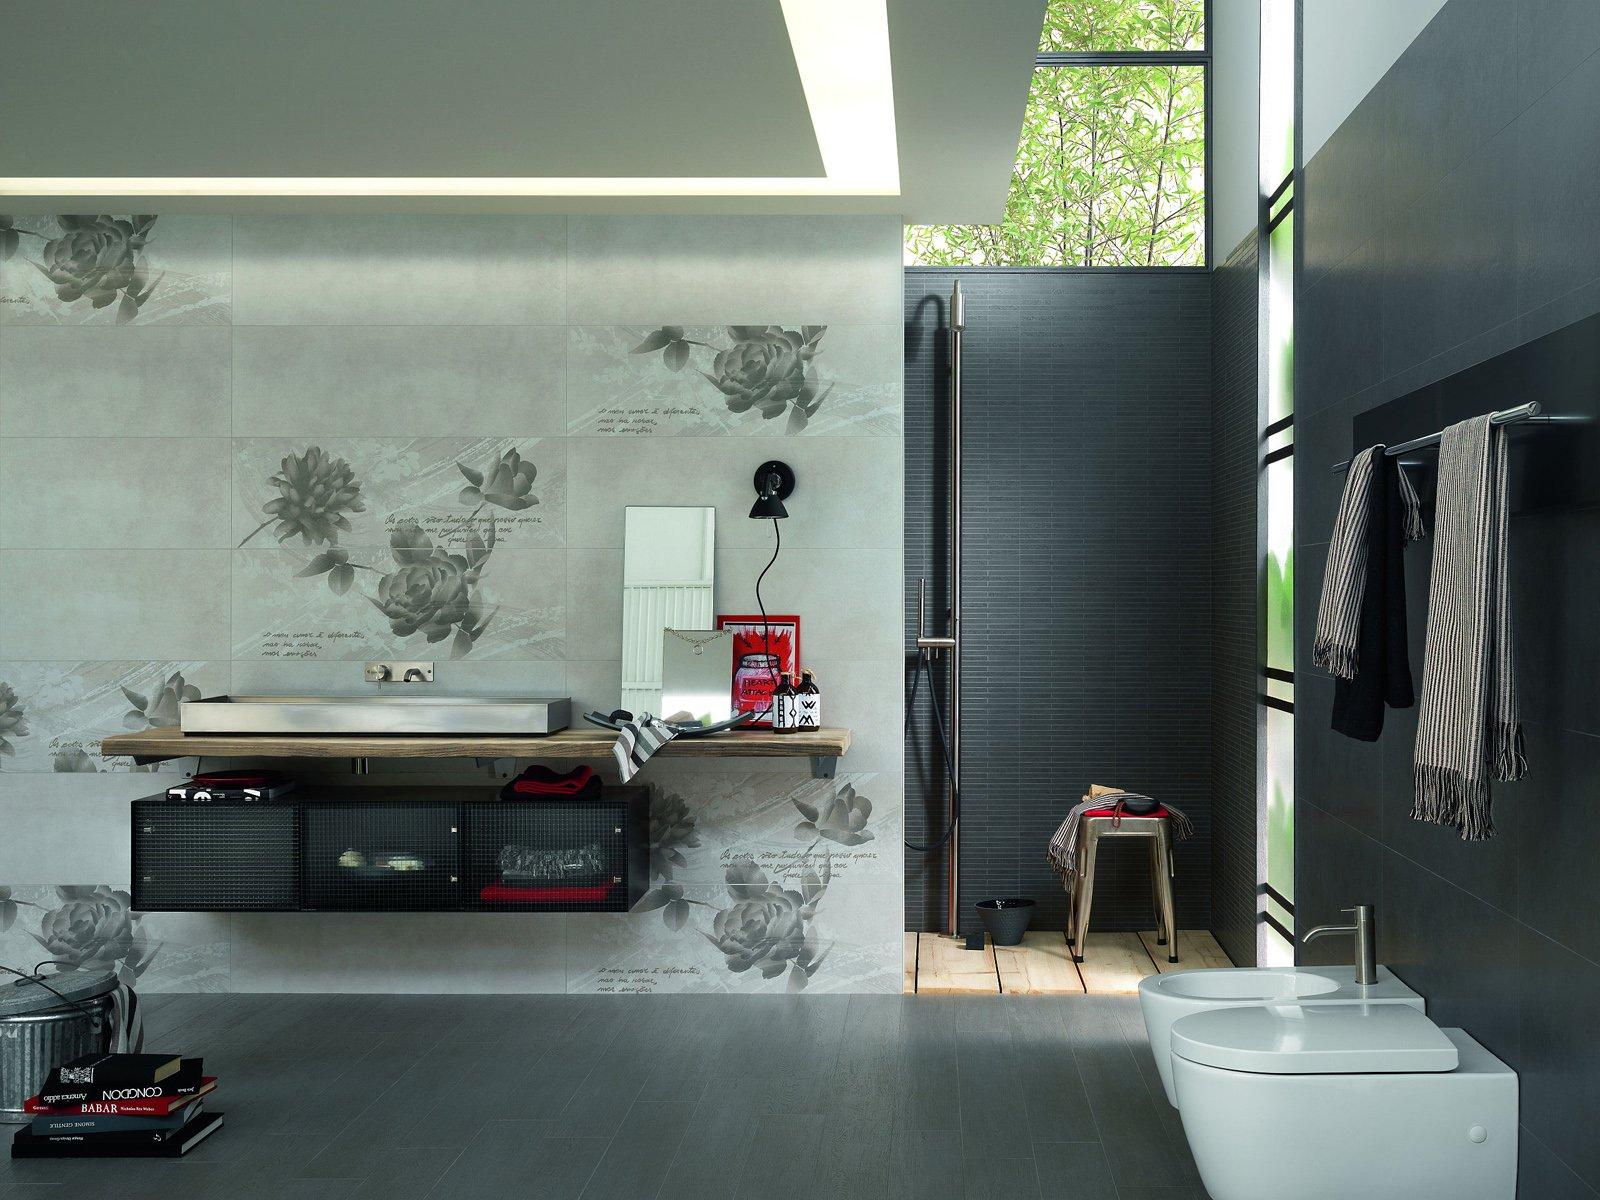 Piastrelle per il bagno tre stili diversi cose di casa - Bagno arredamento piastrelle ...